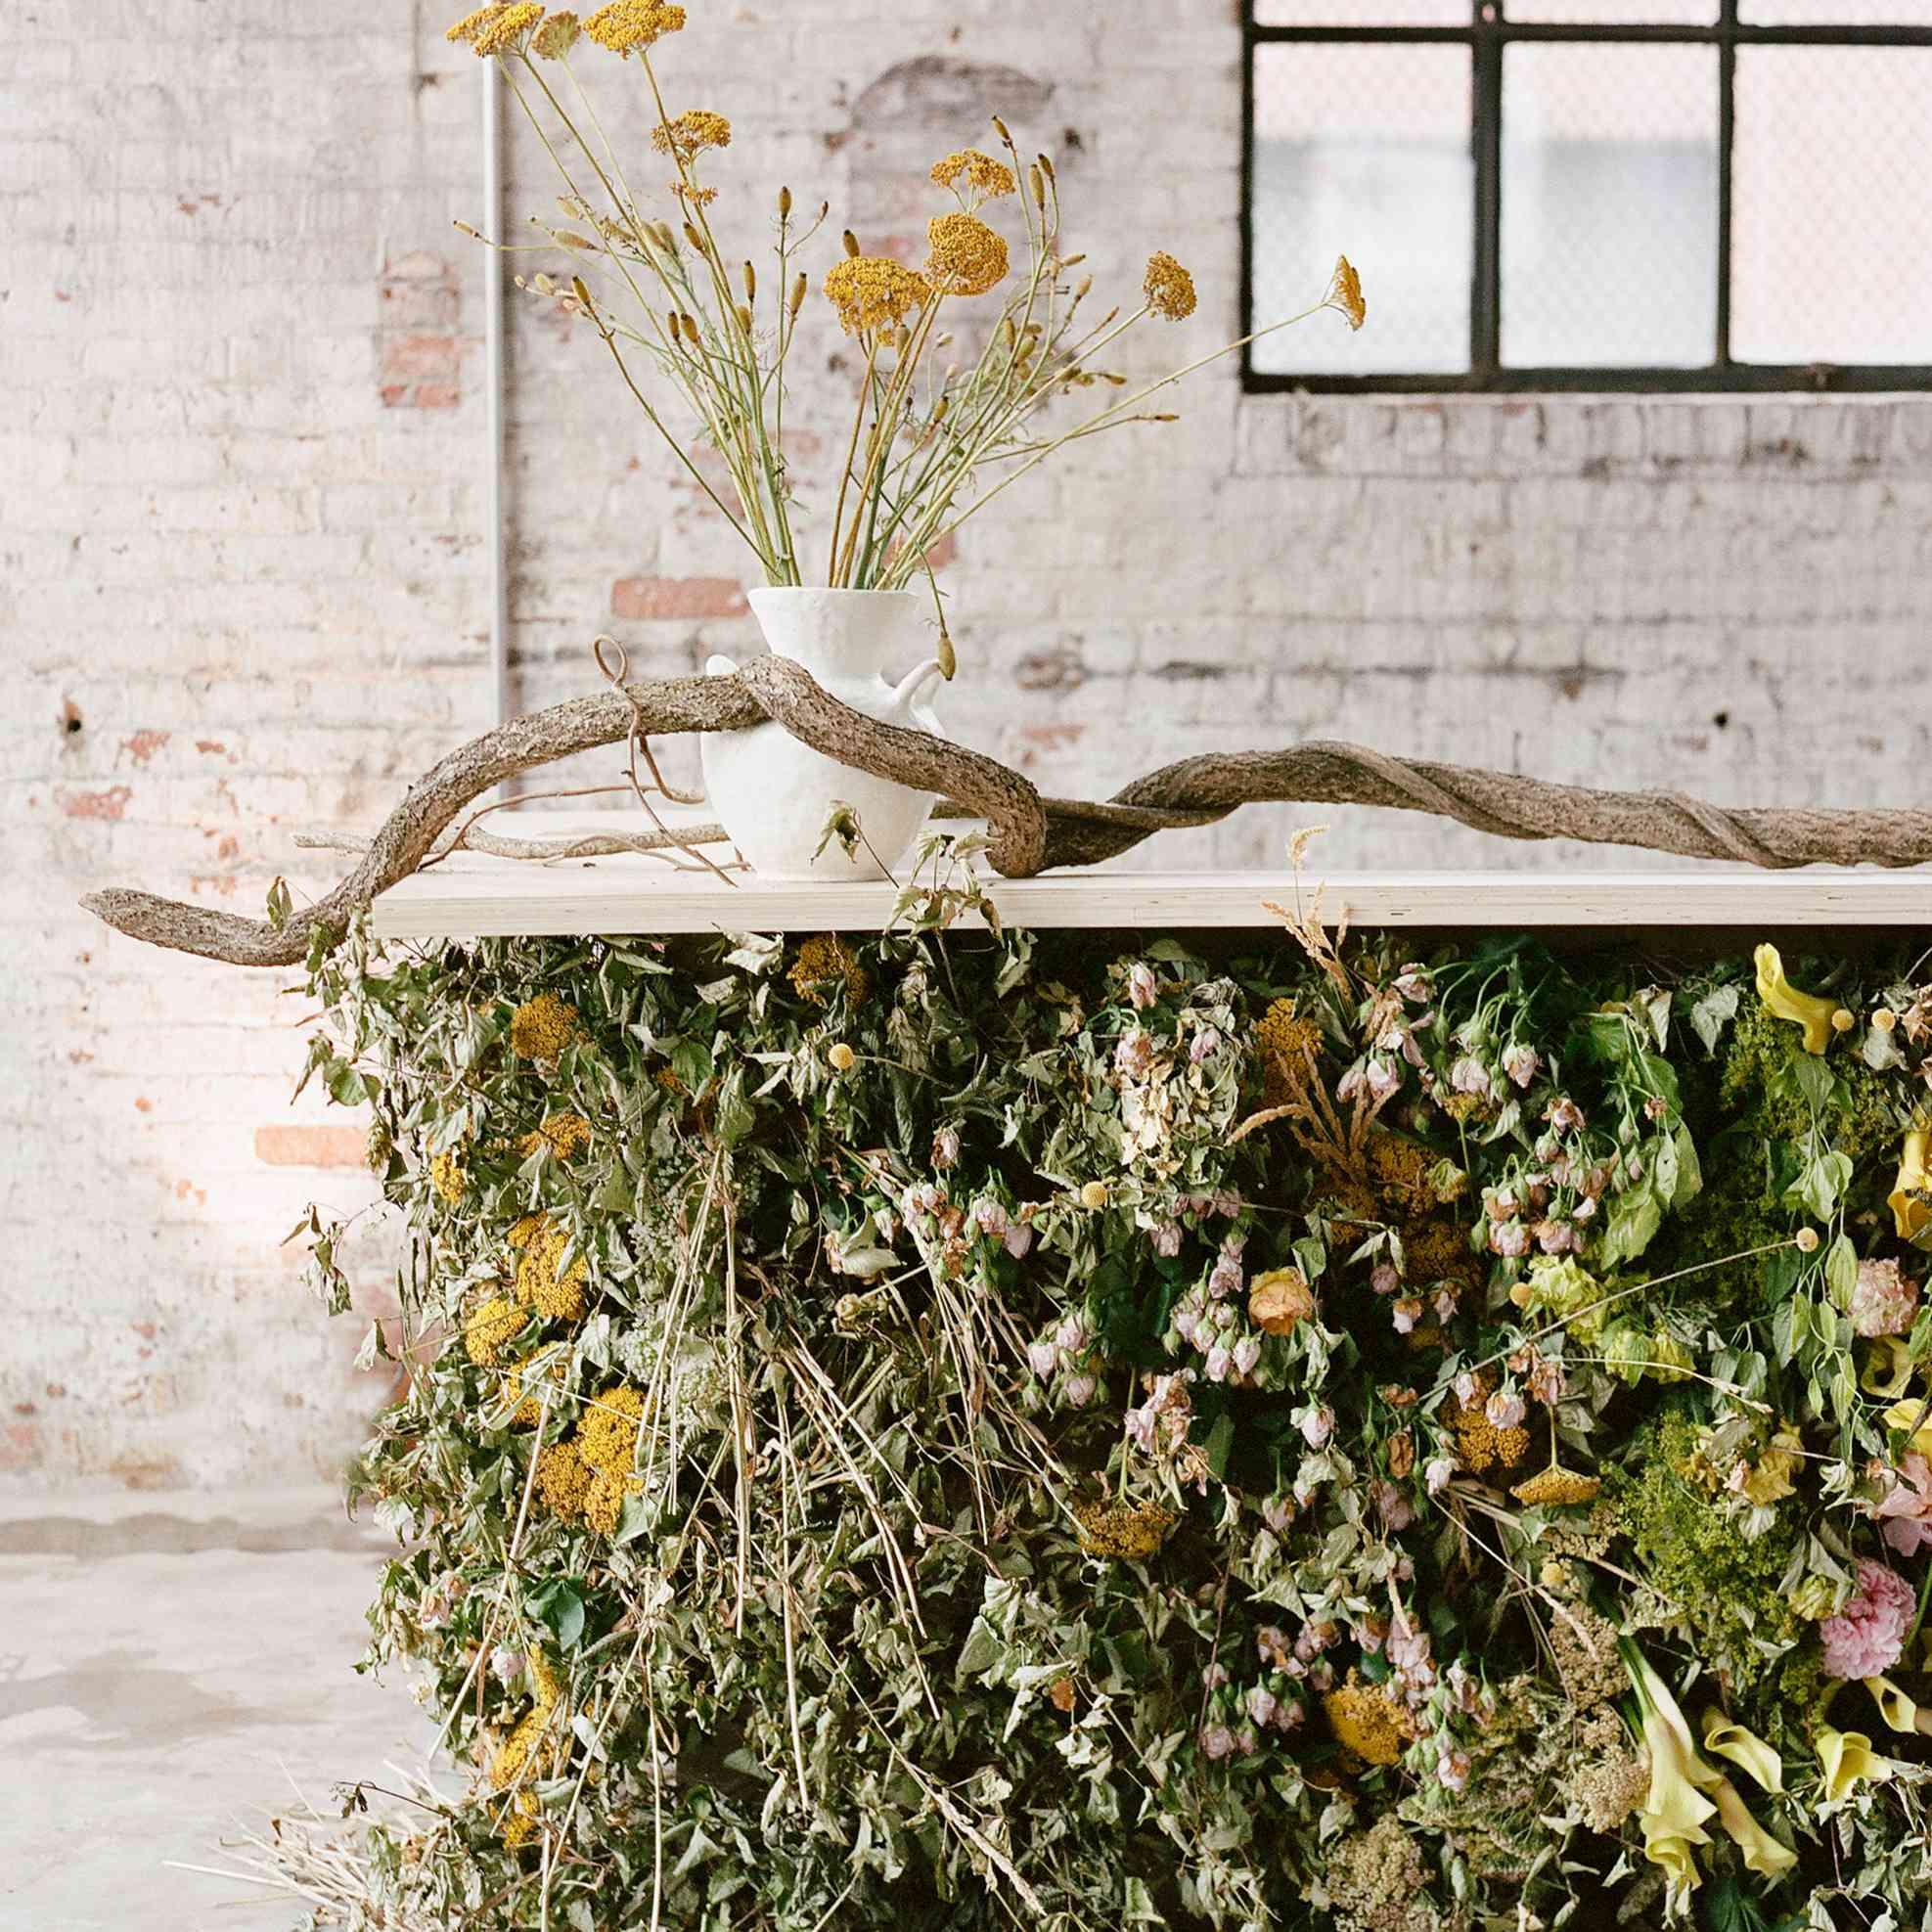 flower-covered bar